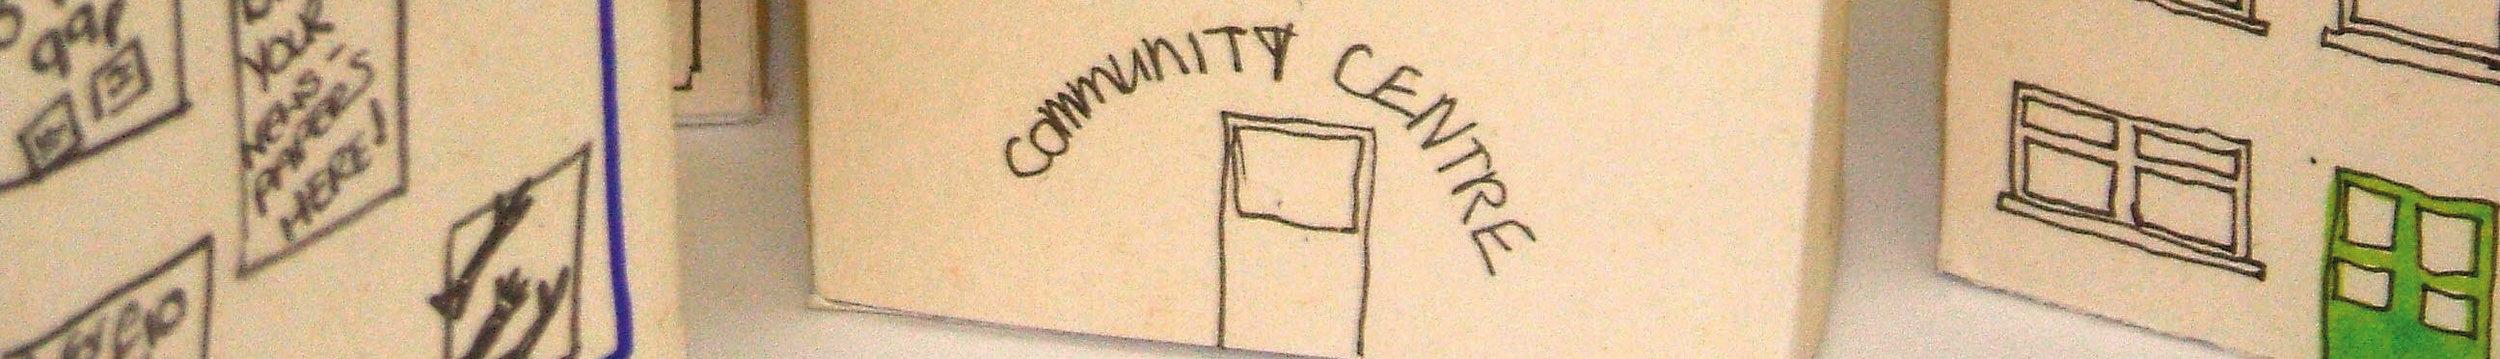 community centre models.jpg